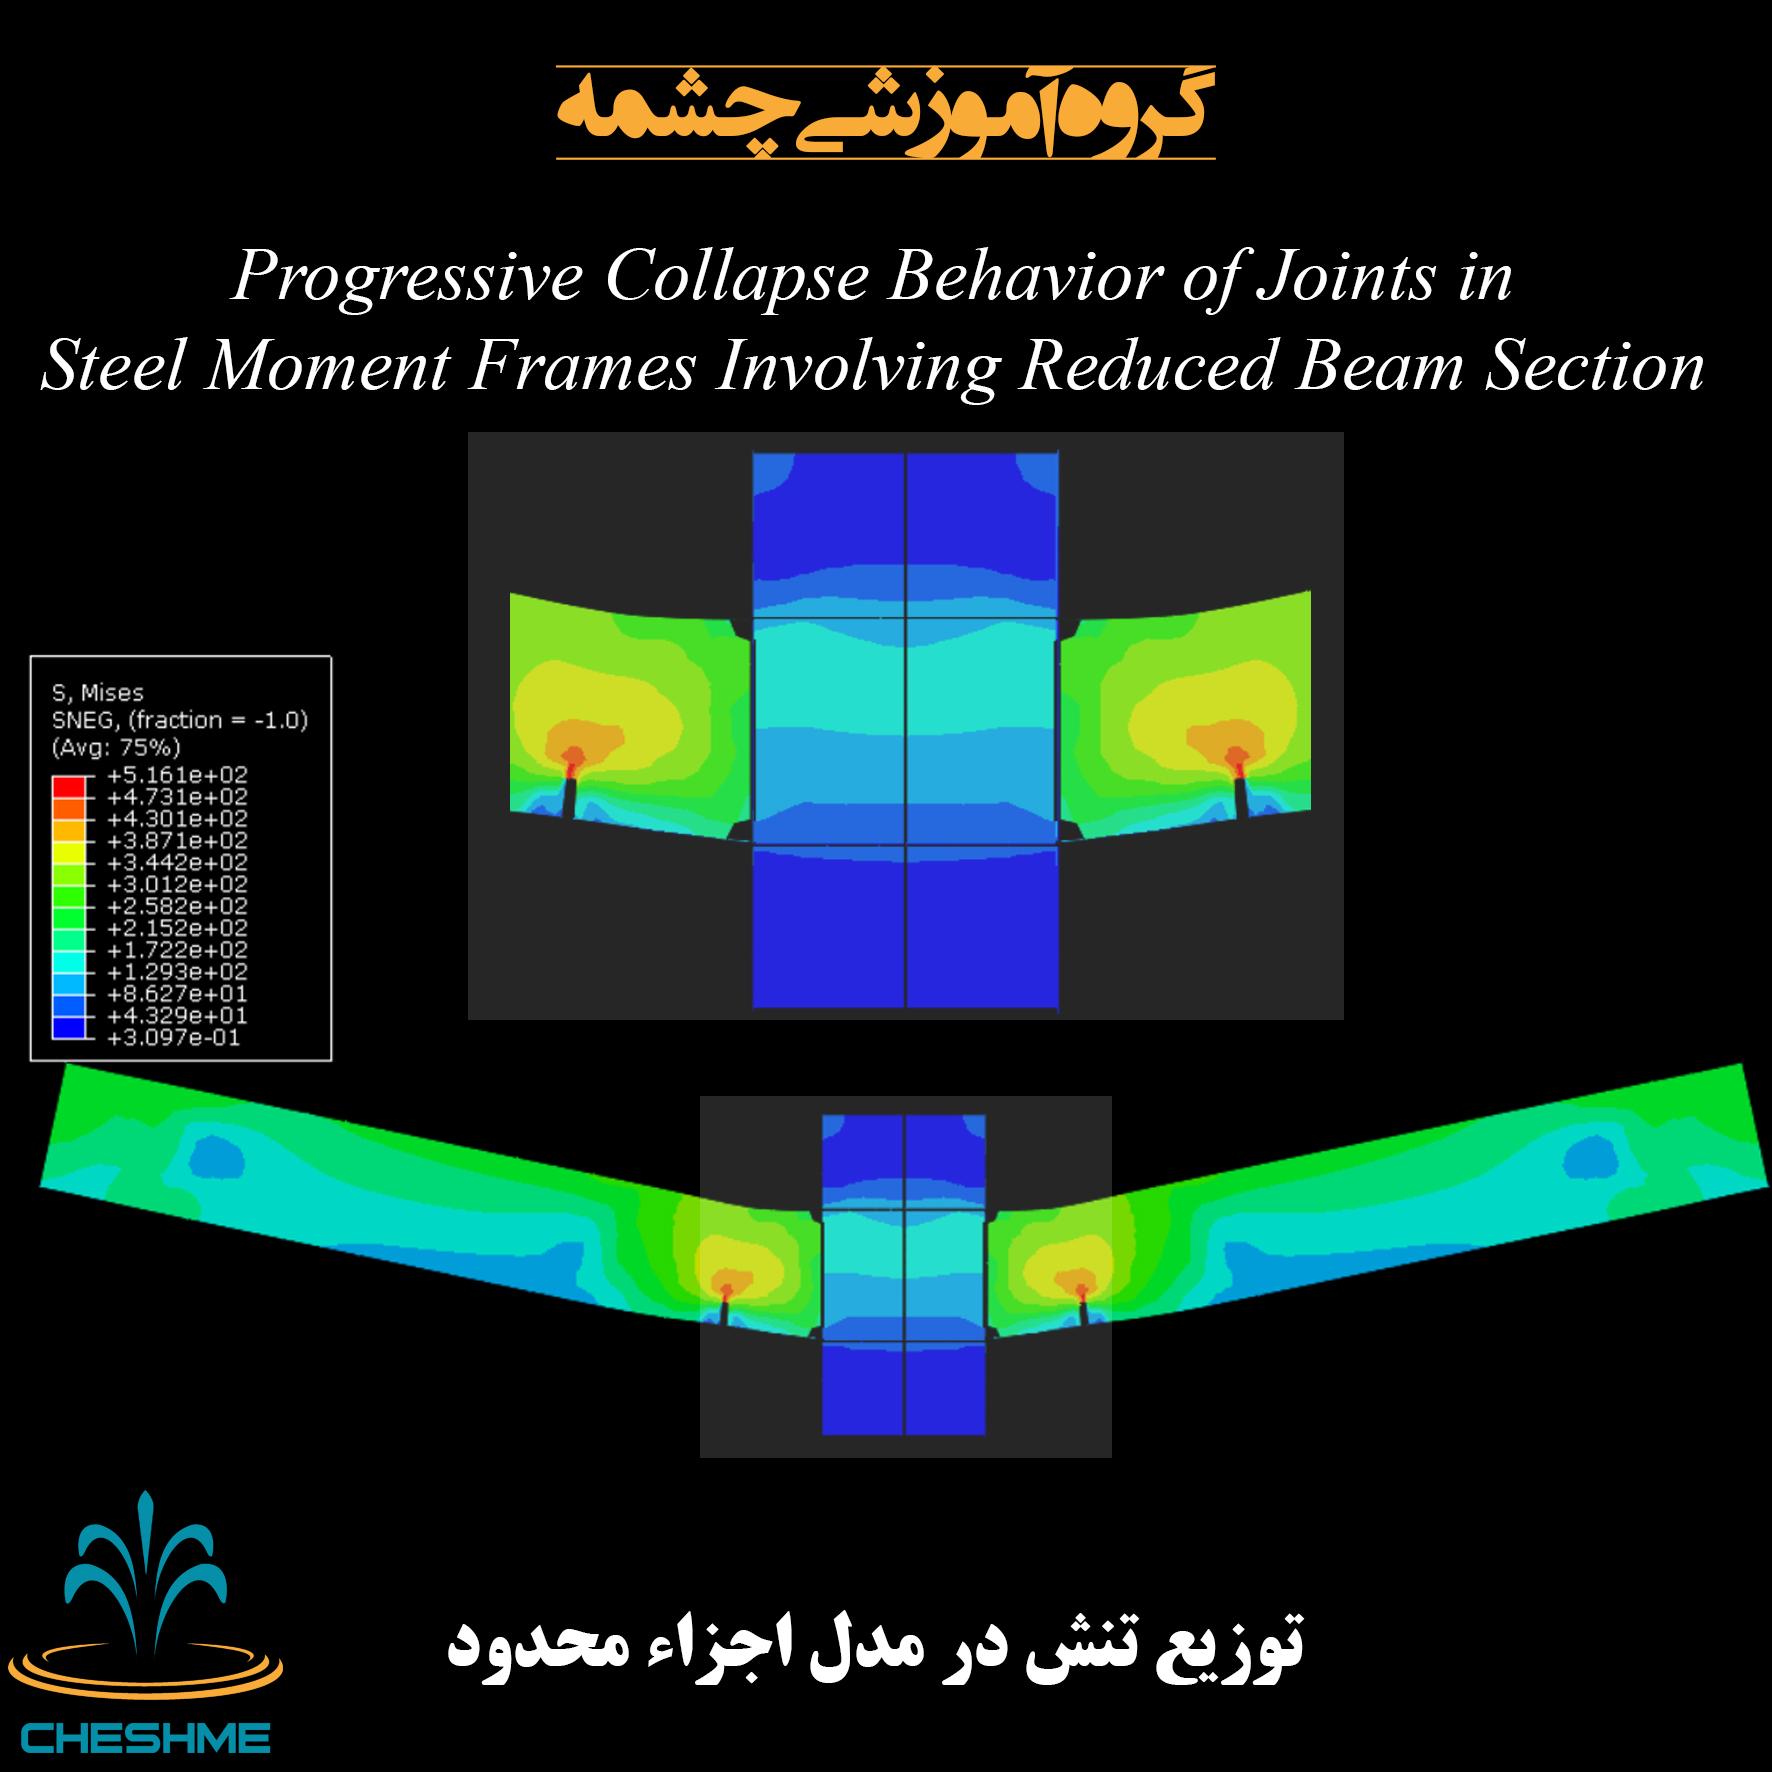 توزیع تنش در مدل اجزاء محدود آباکوس اتصال تیر به ستون فولادی RBS با المان Shell